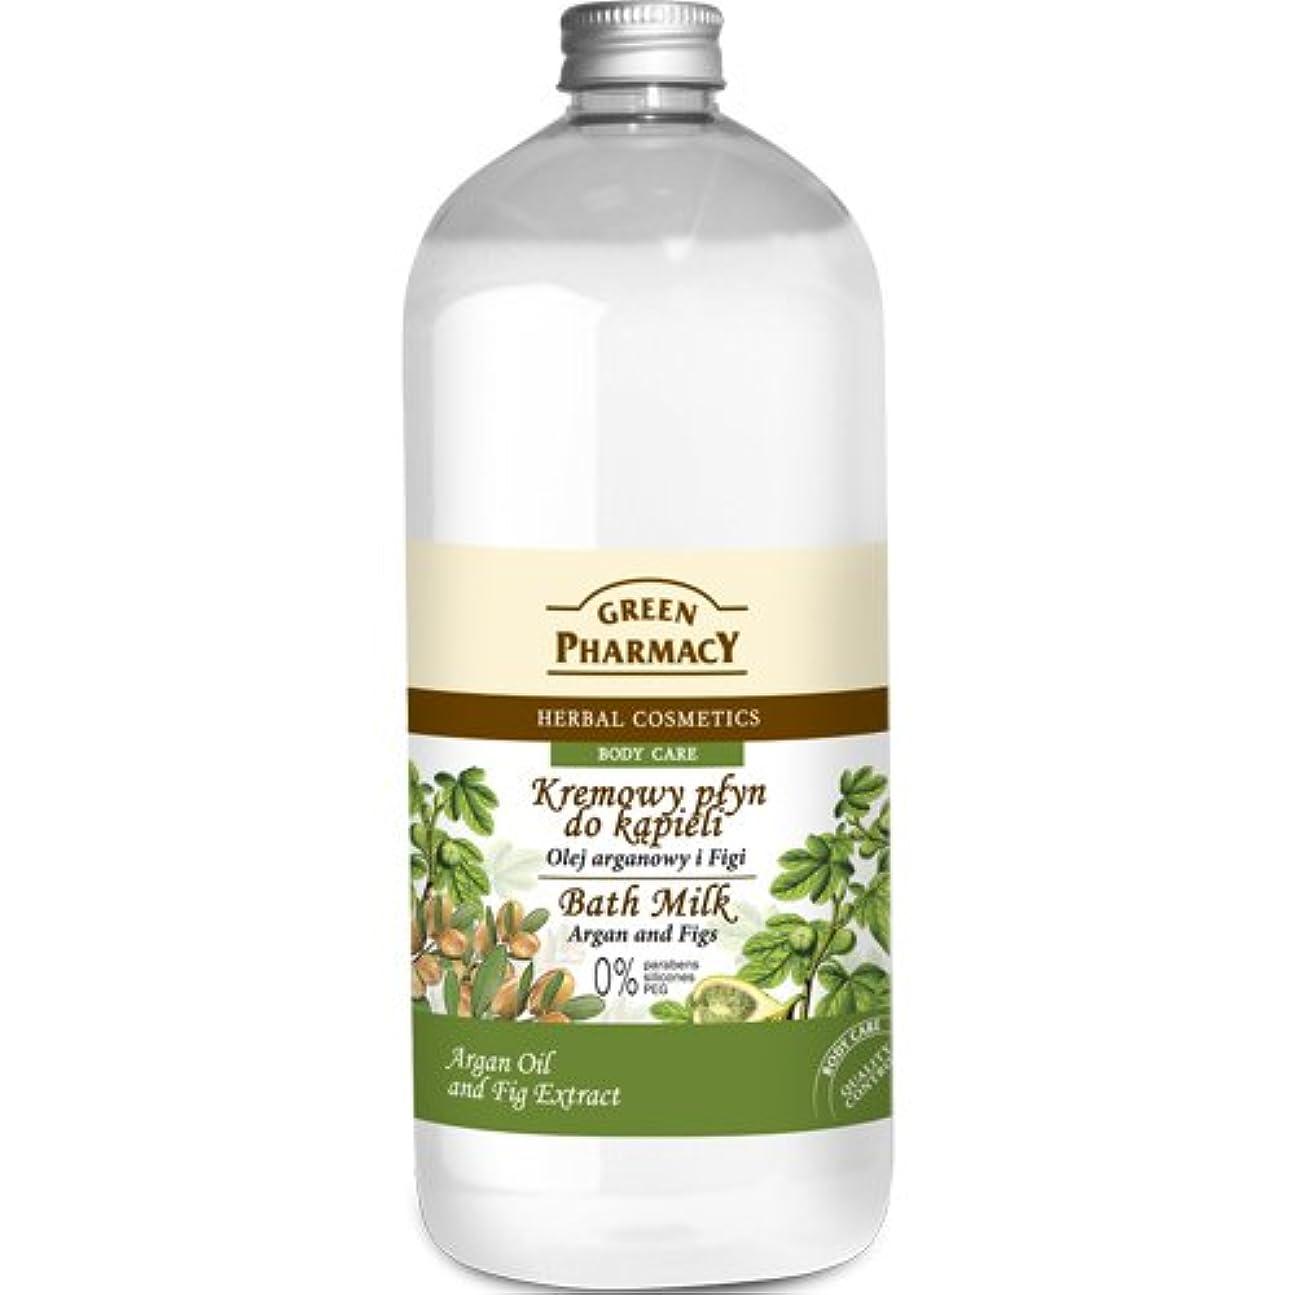 とは異なり新鮮な遮るElfa Pharm Green Pharmacy グリーンファーマシー Bath Milk バスミルク Argan Oil&Figs